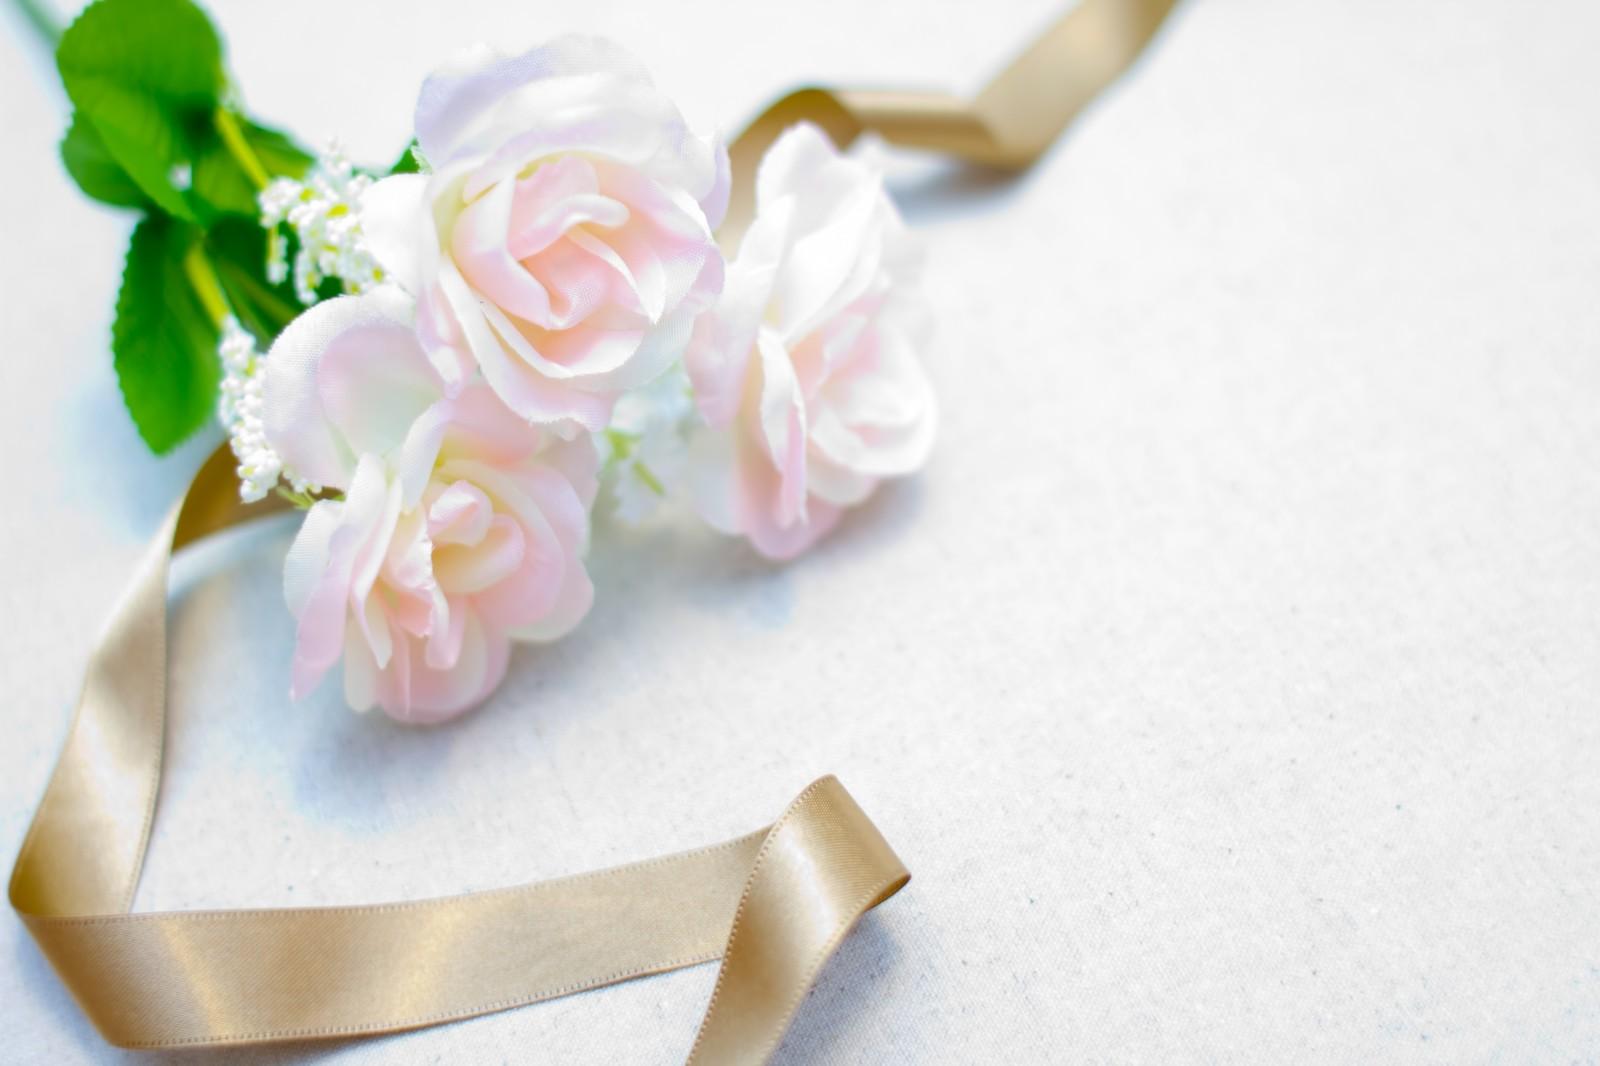 結婚式にお呼ばれされたら長袖ドレスもあり☆おすすめ長袖ドレス特集のサムネイル画像